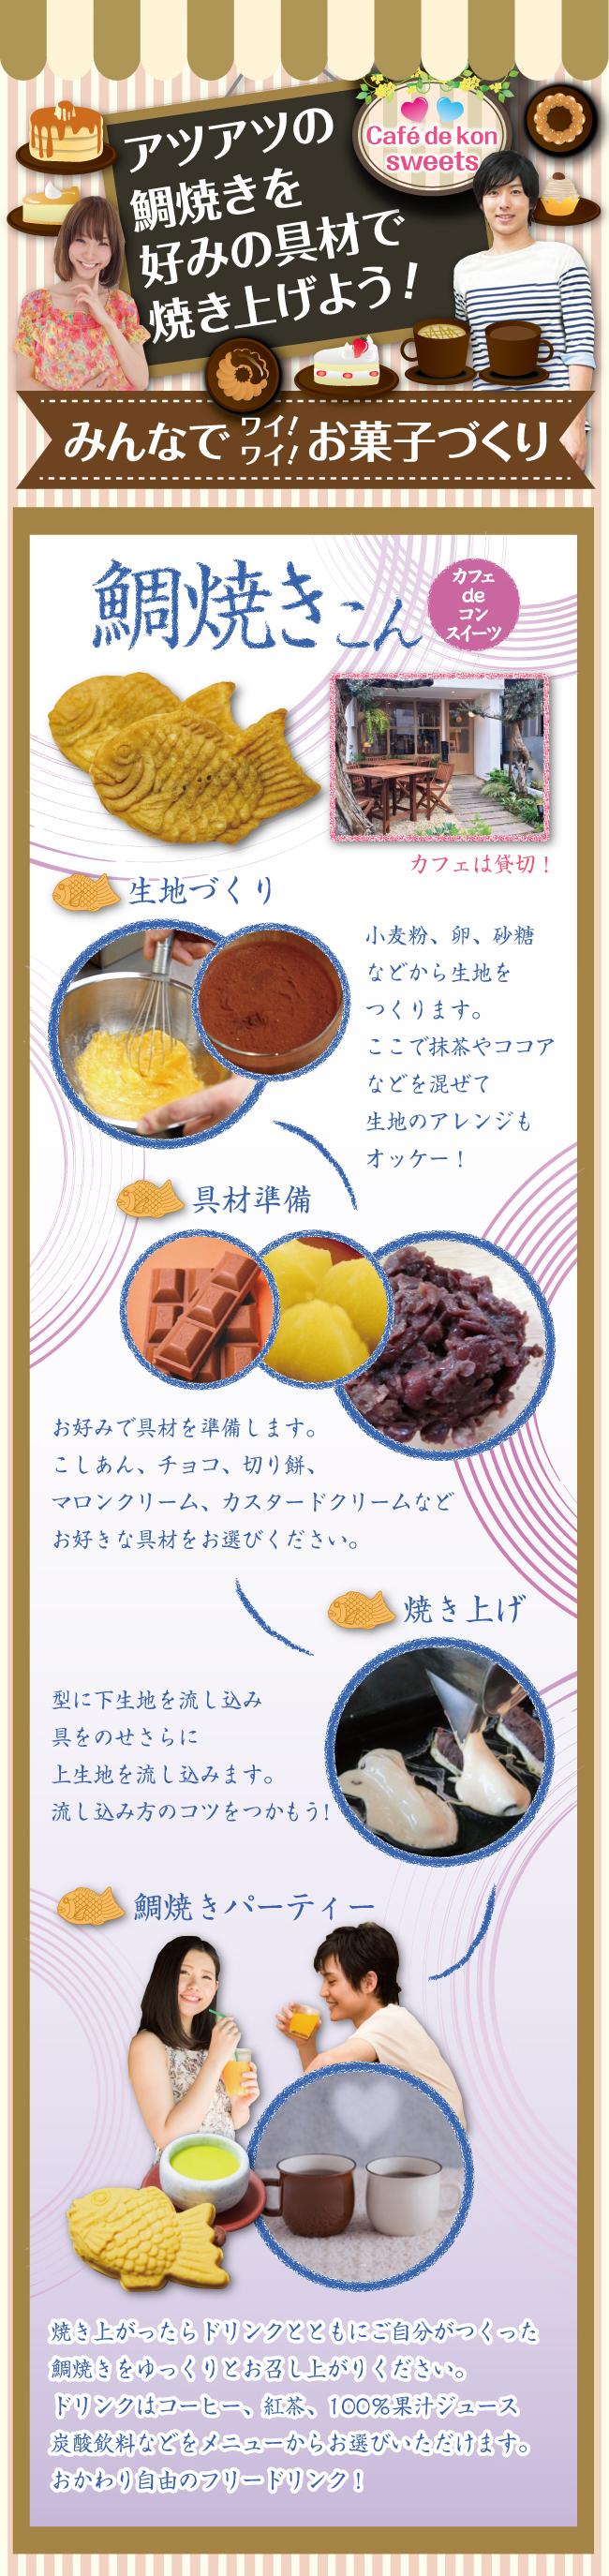 お菓子づくり料理コンの鯛焼きコン